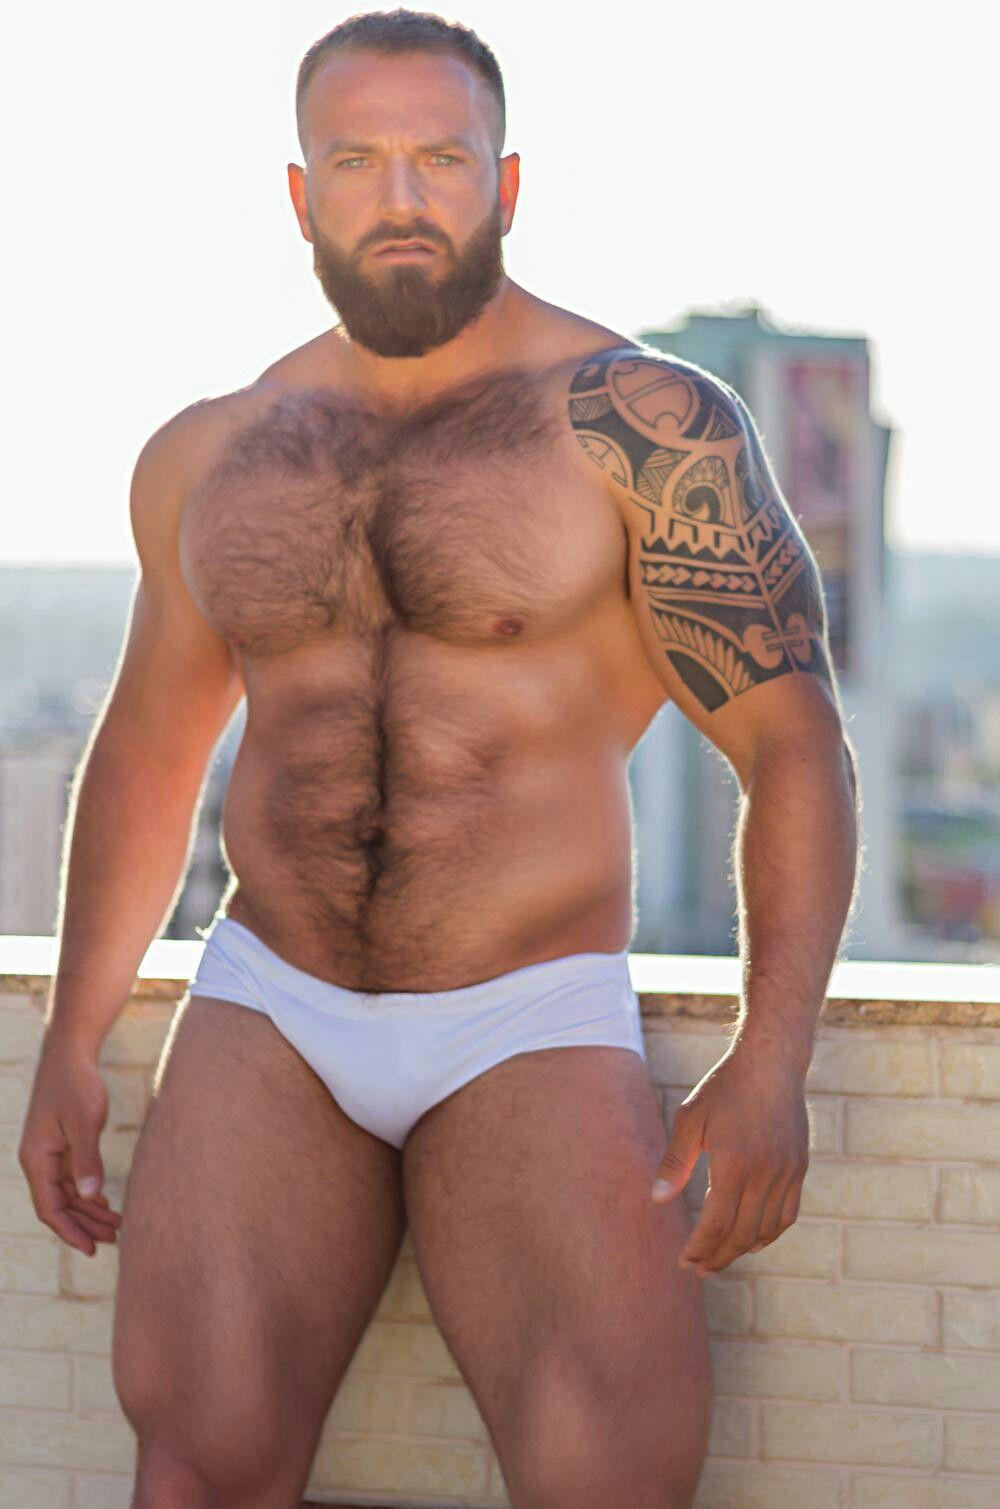 f37a7046c99 Men's Swimsuits, Swimwear, Beard No Mustache, Cute Boys, Hairy Men, Trunks